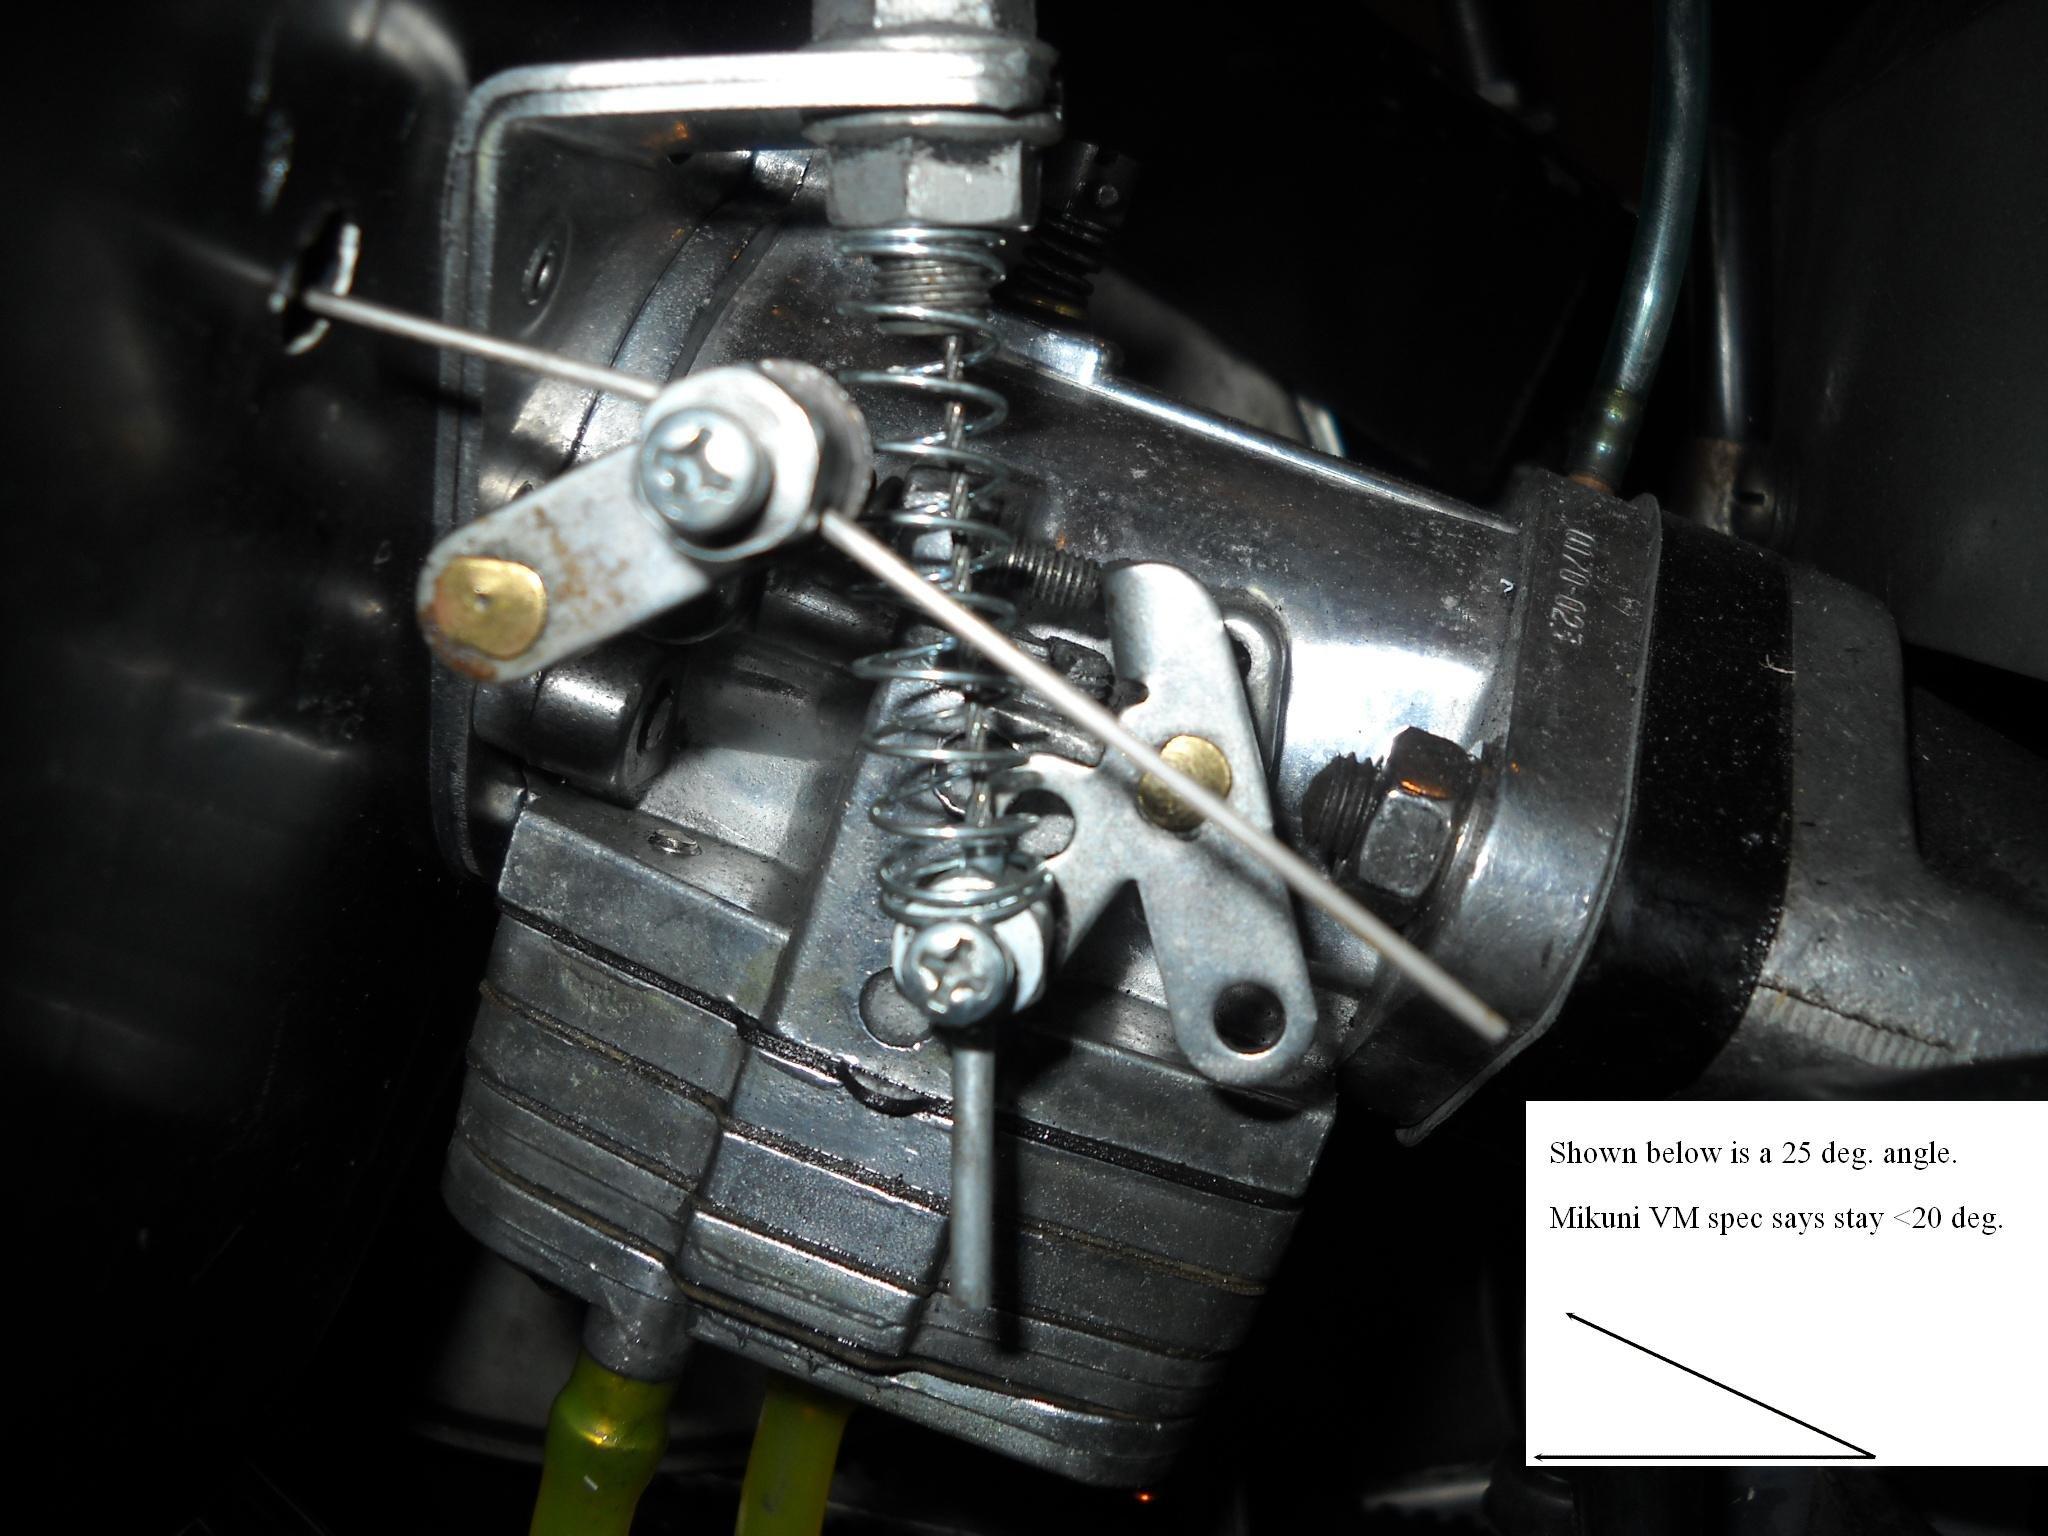 Angled Mikuni carb mount-73-panther-walbro-angle.jpg